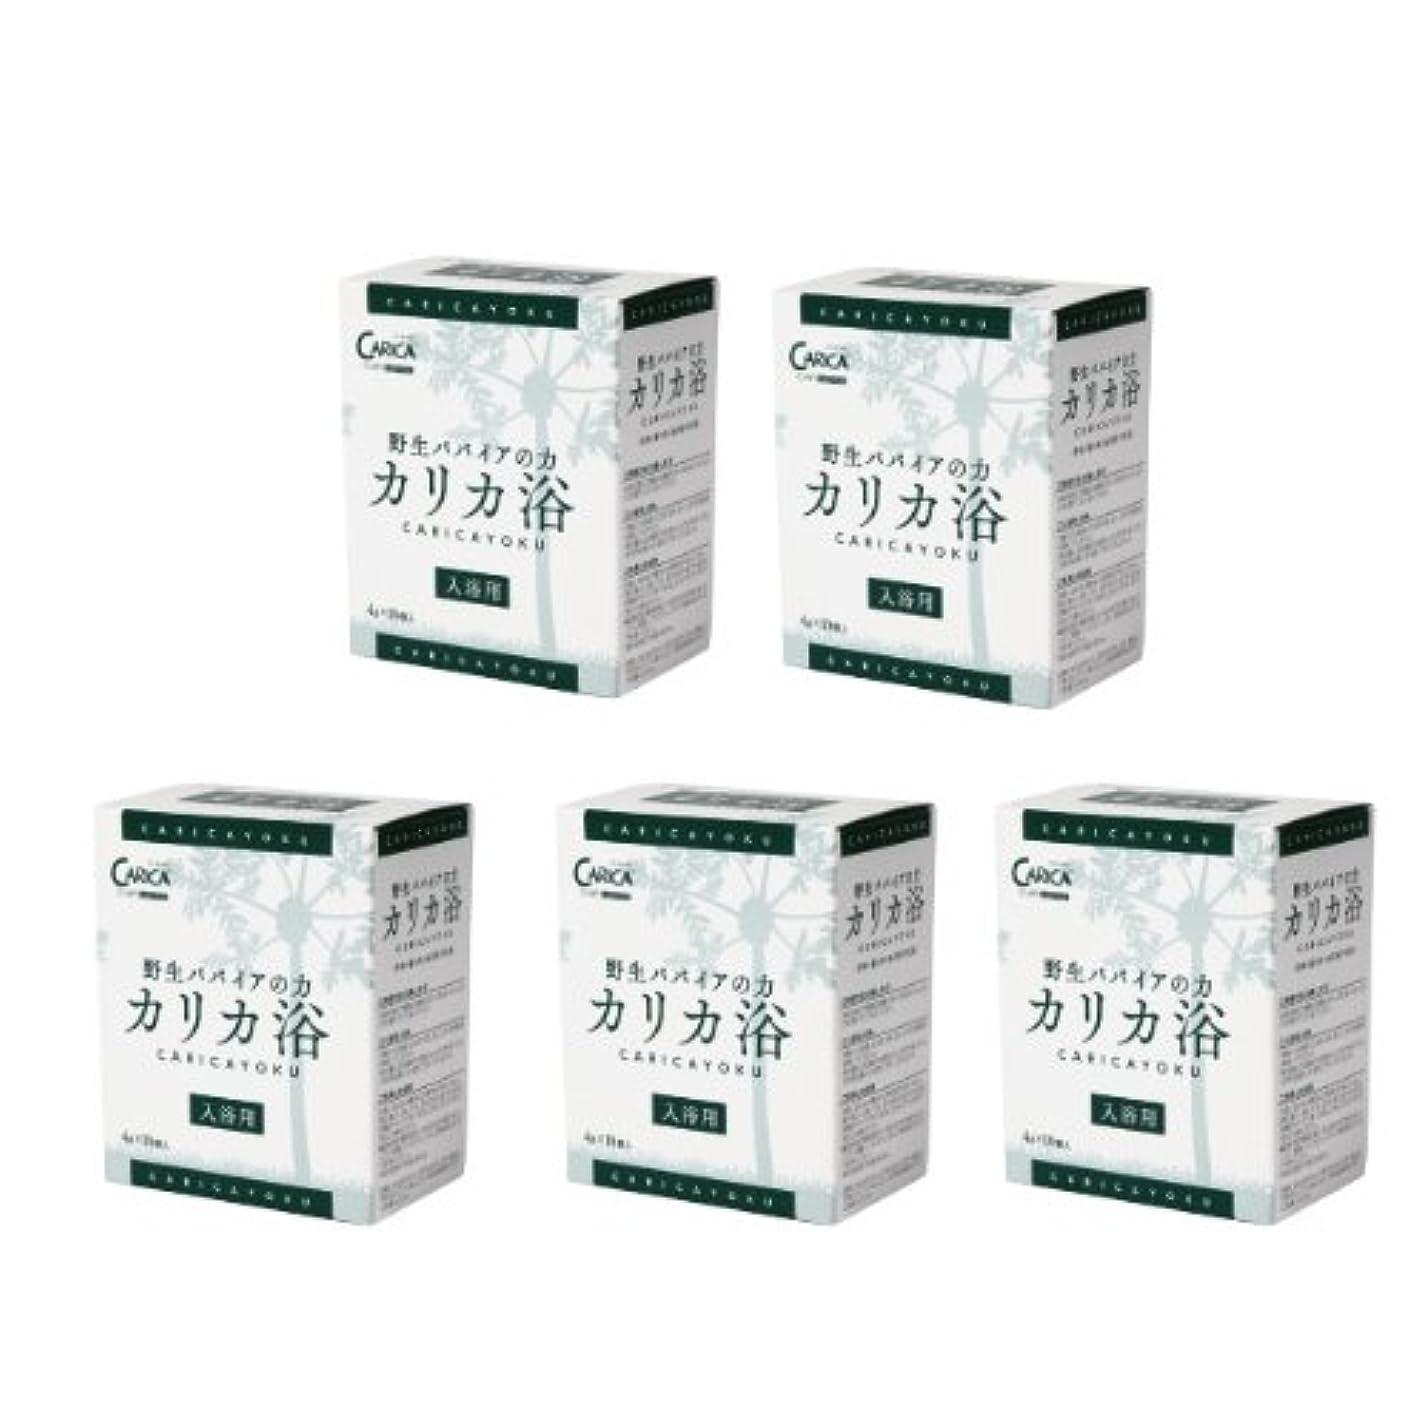 貫通する議論する治世カリカ浴(4g x 10包) 5箱セット + おまけ(カリカ浴 5包付き)